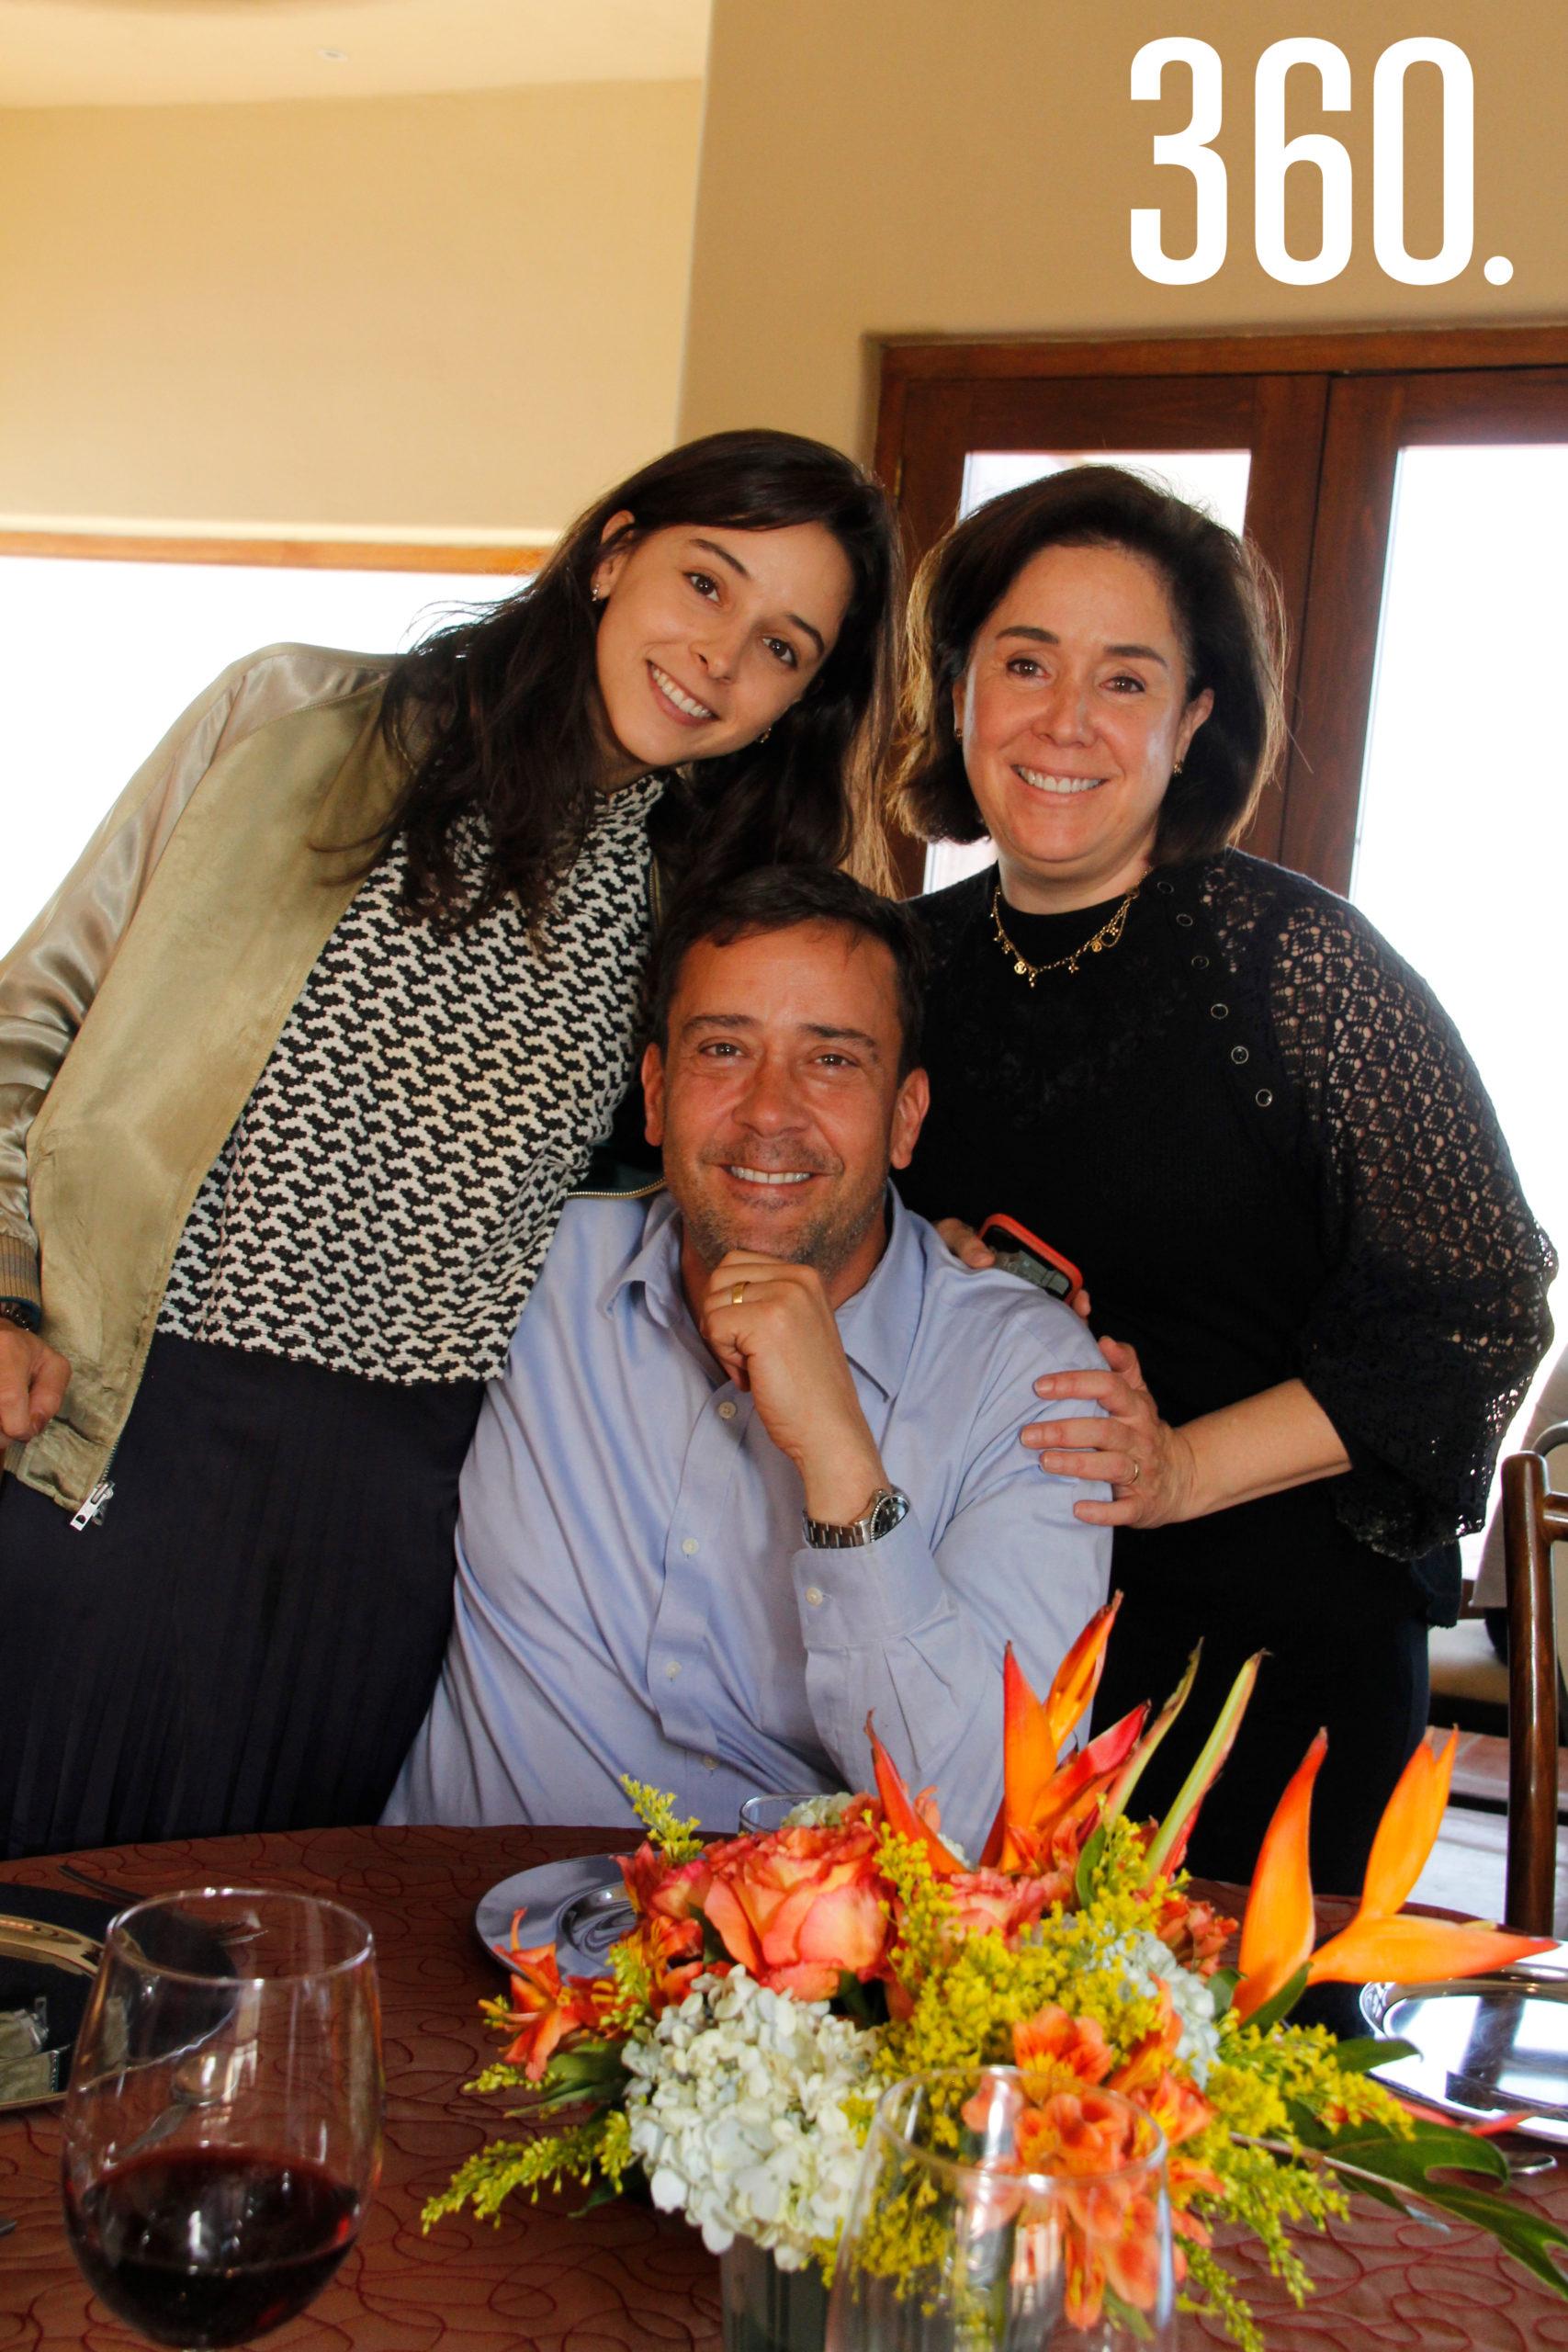 Juan Carlos y Luisa Fernanda Guerra acompañados por Luisa Fernanda Castilla.